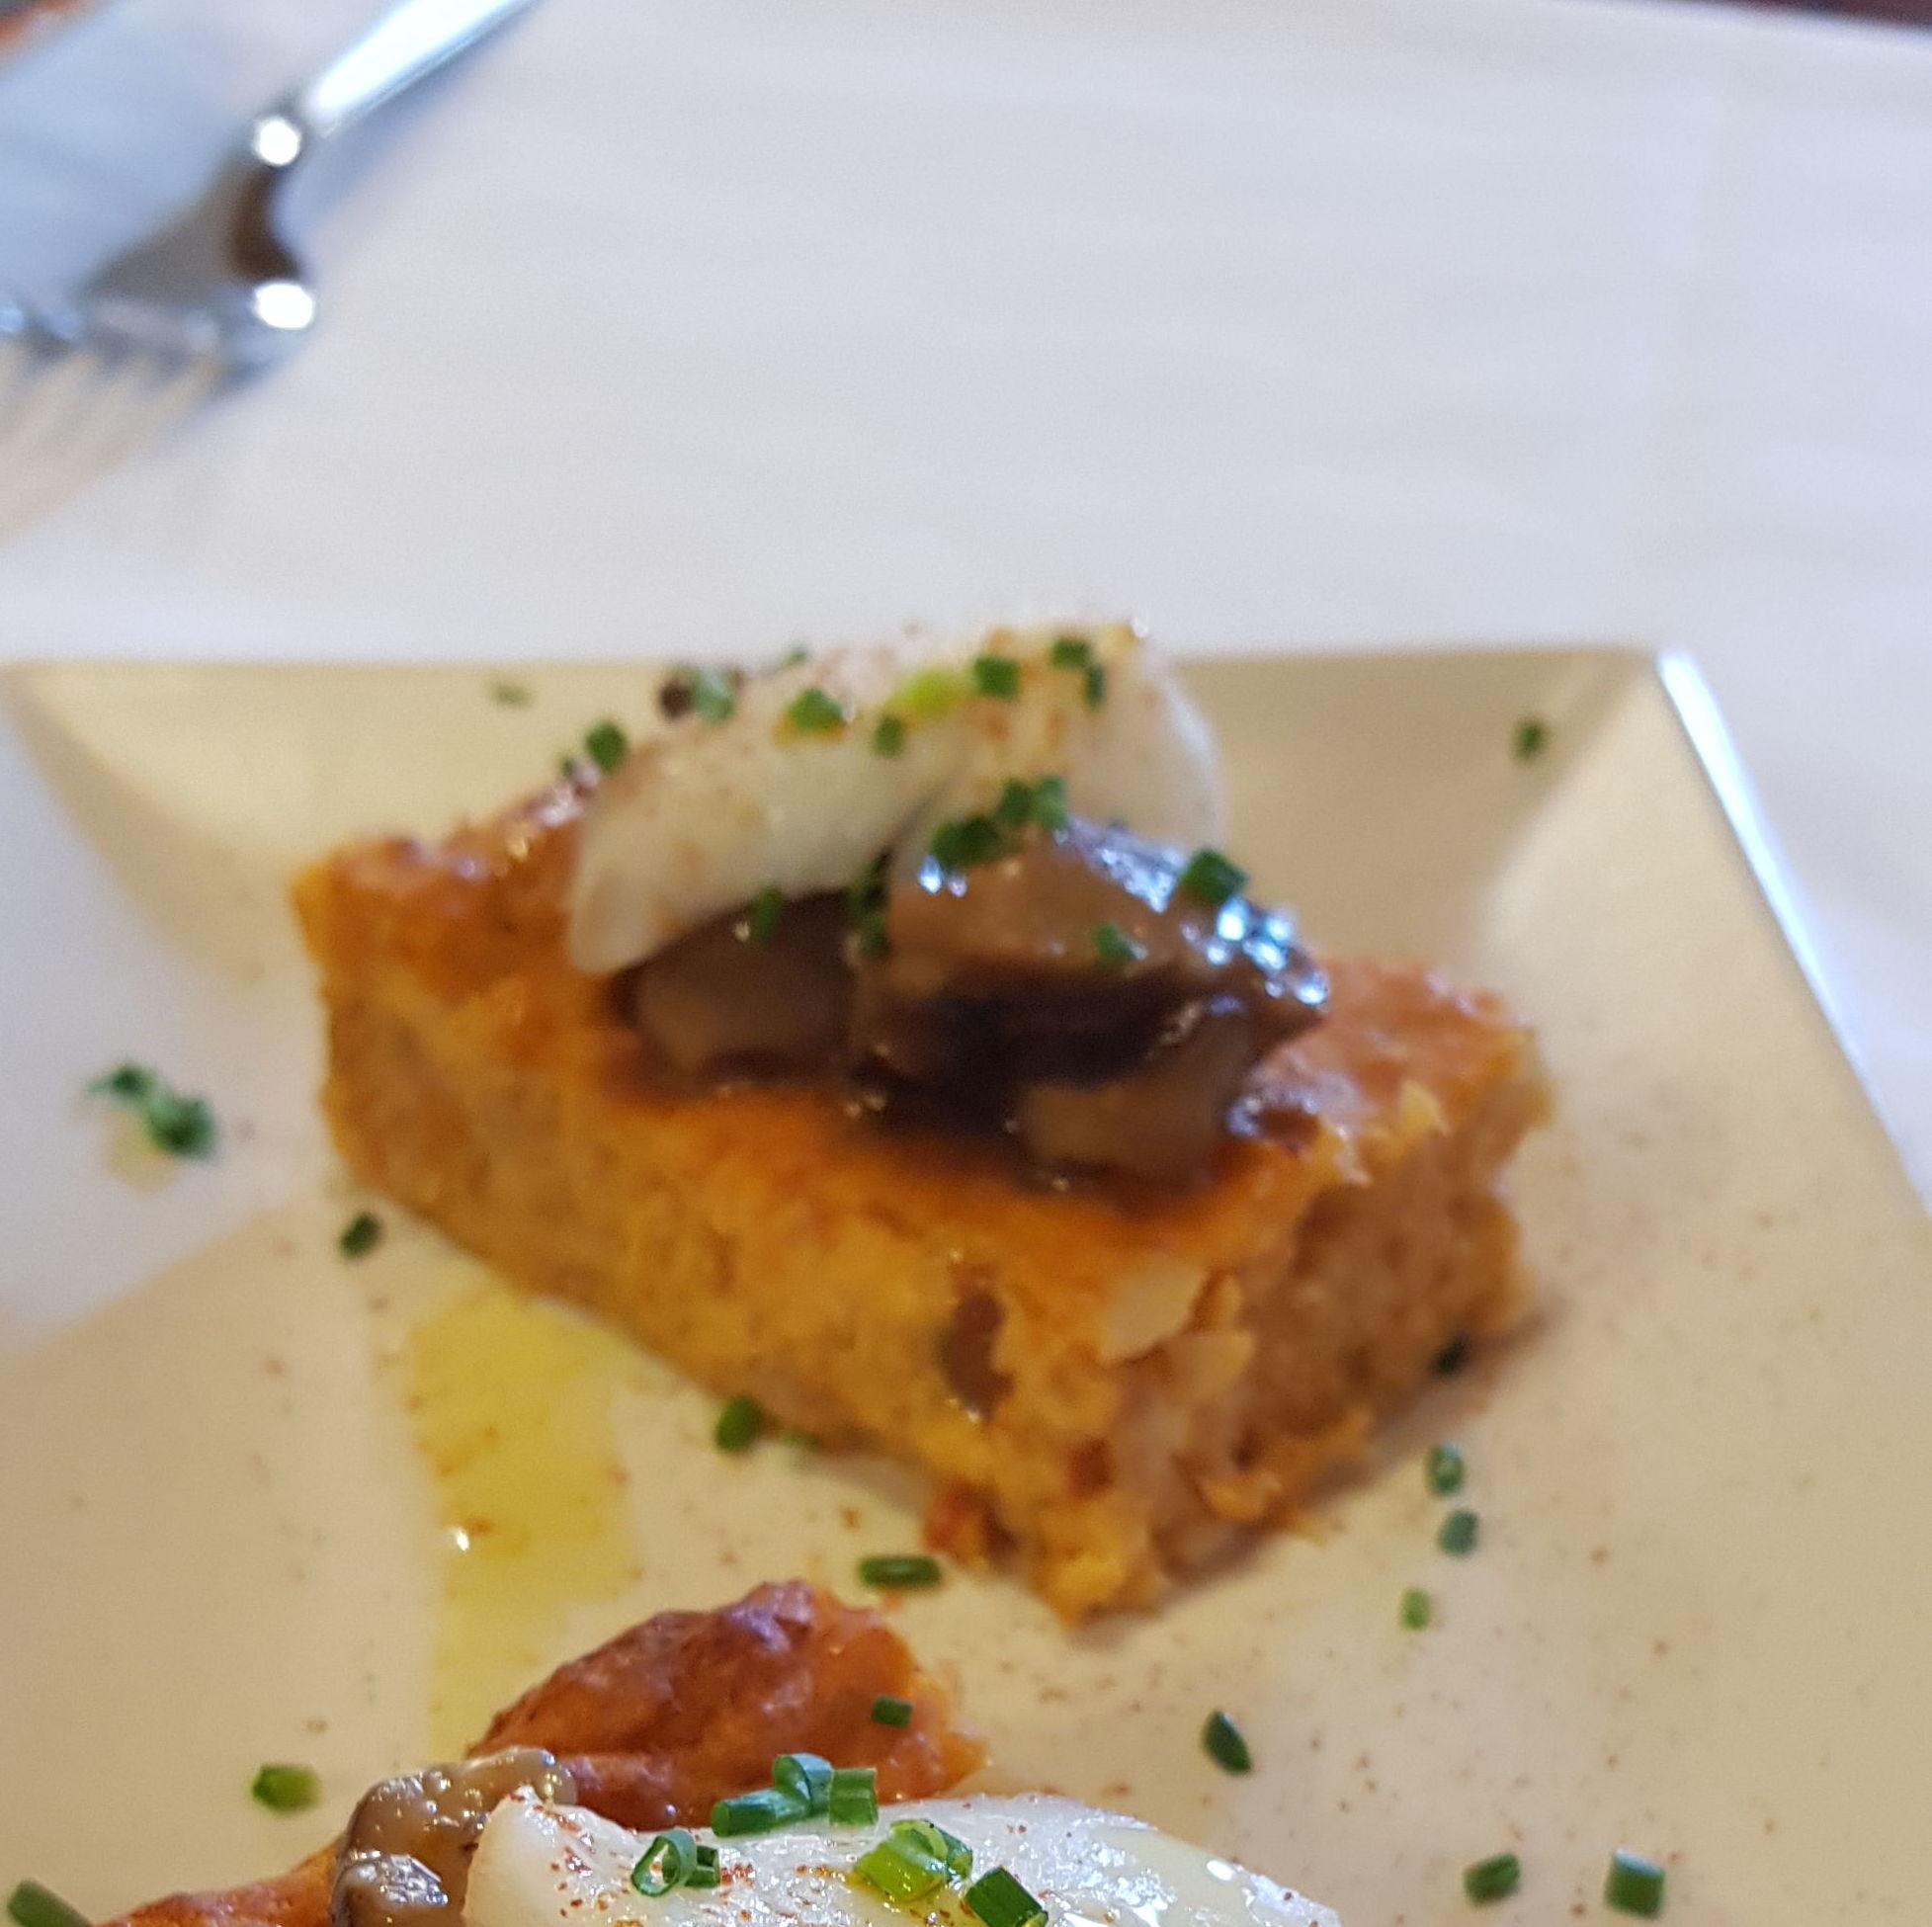 Foto 21 de Restaurante en Alcalá de Henares | Restaurante Skrei Noruego